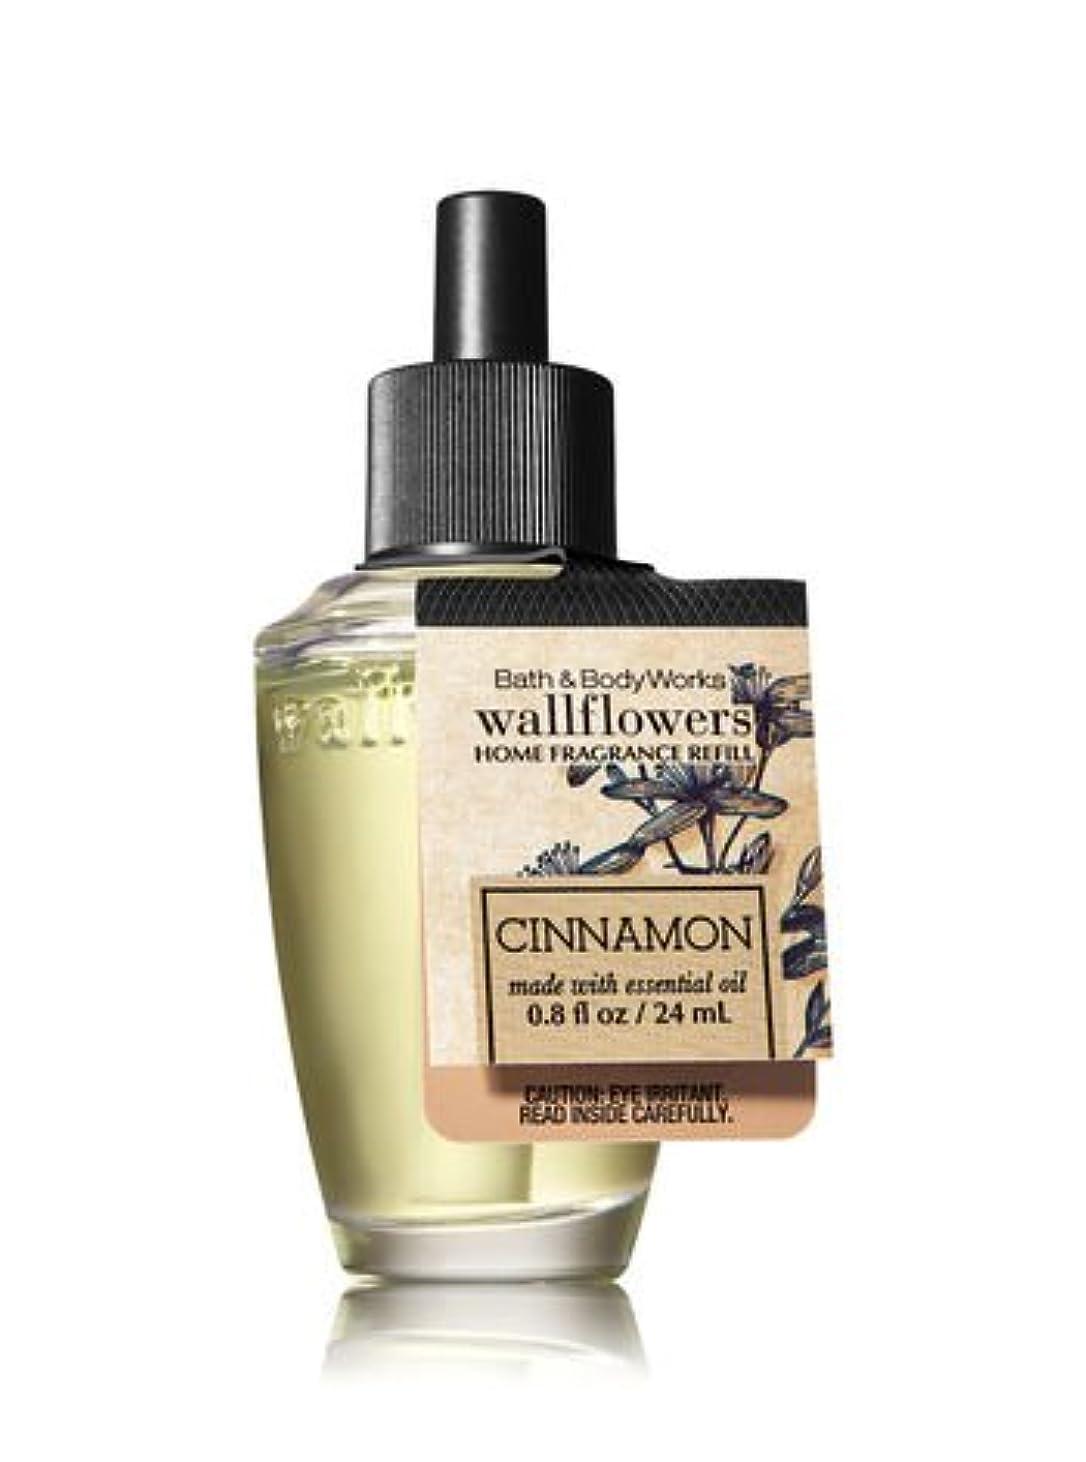 重さ促進する制限する【Bath&Body Works/バス&ボディワークス】 ルームフレグランス 詰替えリフィル シナモン Wallflowers Home Fragrance Refill made with essential oil Cinnamon [並行輸入品]